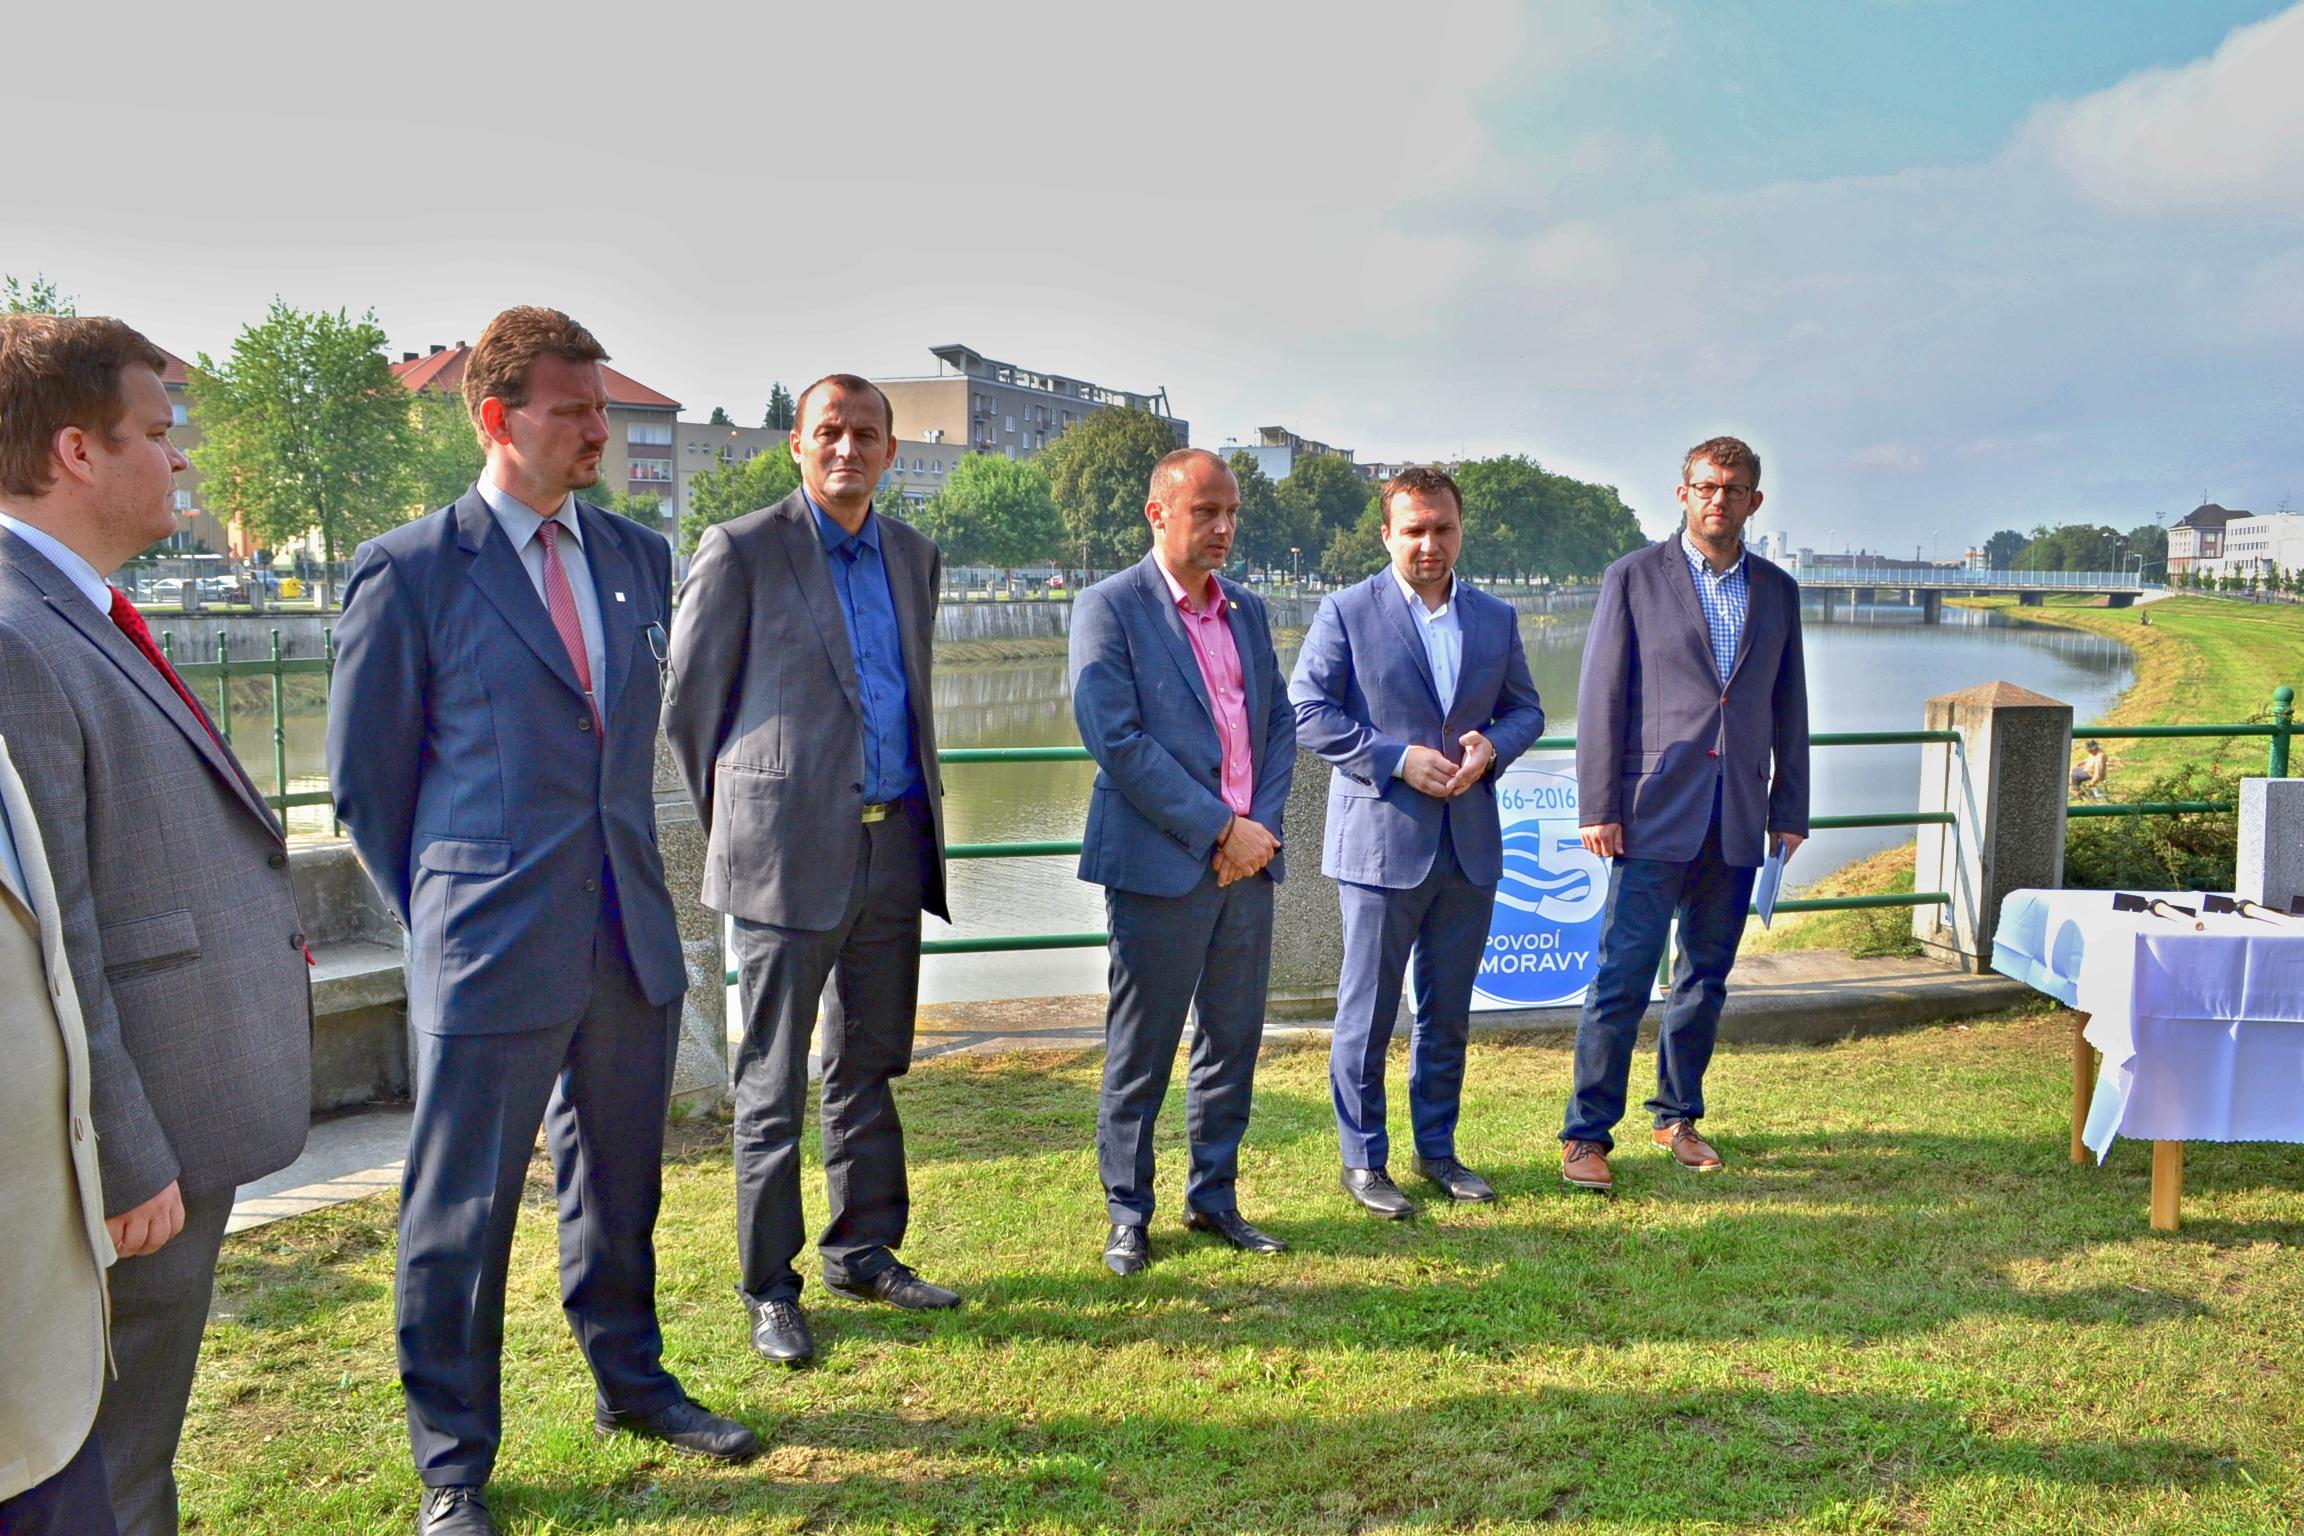 Ministr Jurečka v Přerově poklepal základní kámen protipovodňové zídky